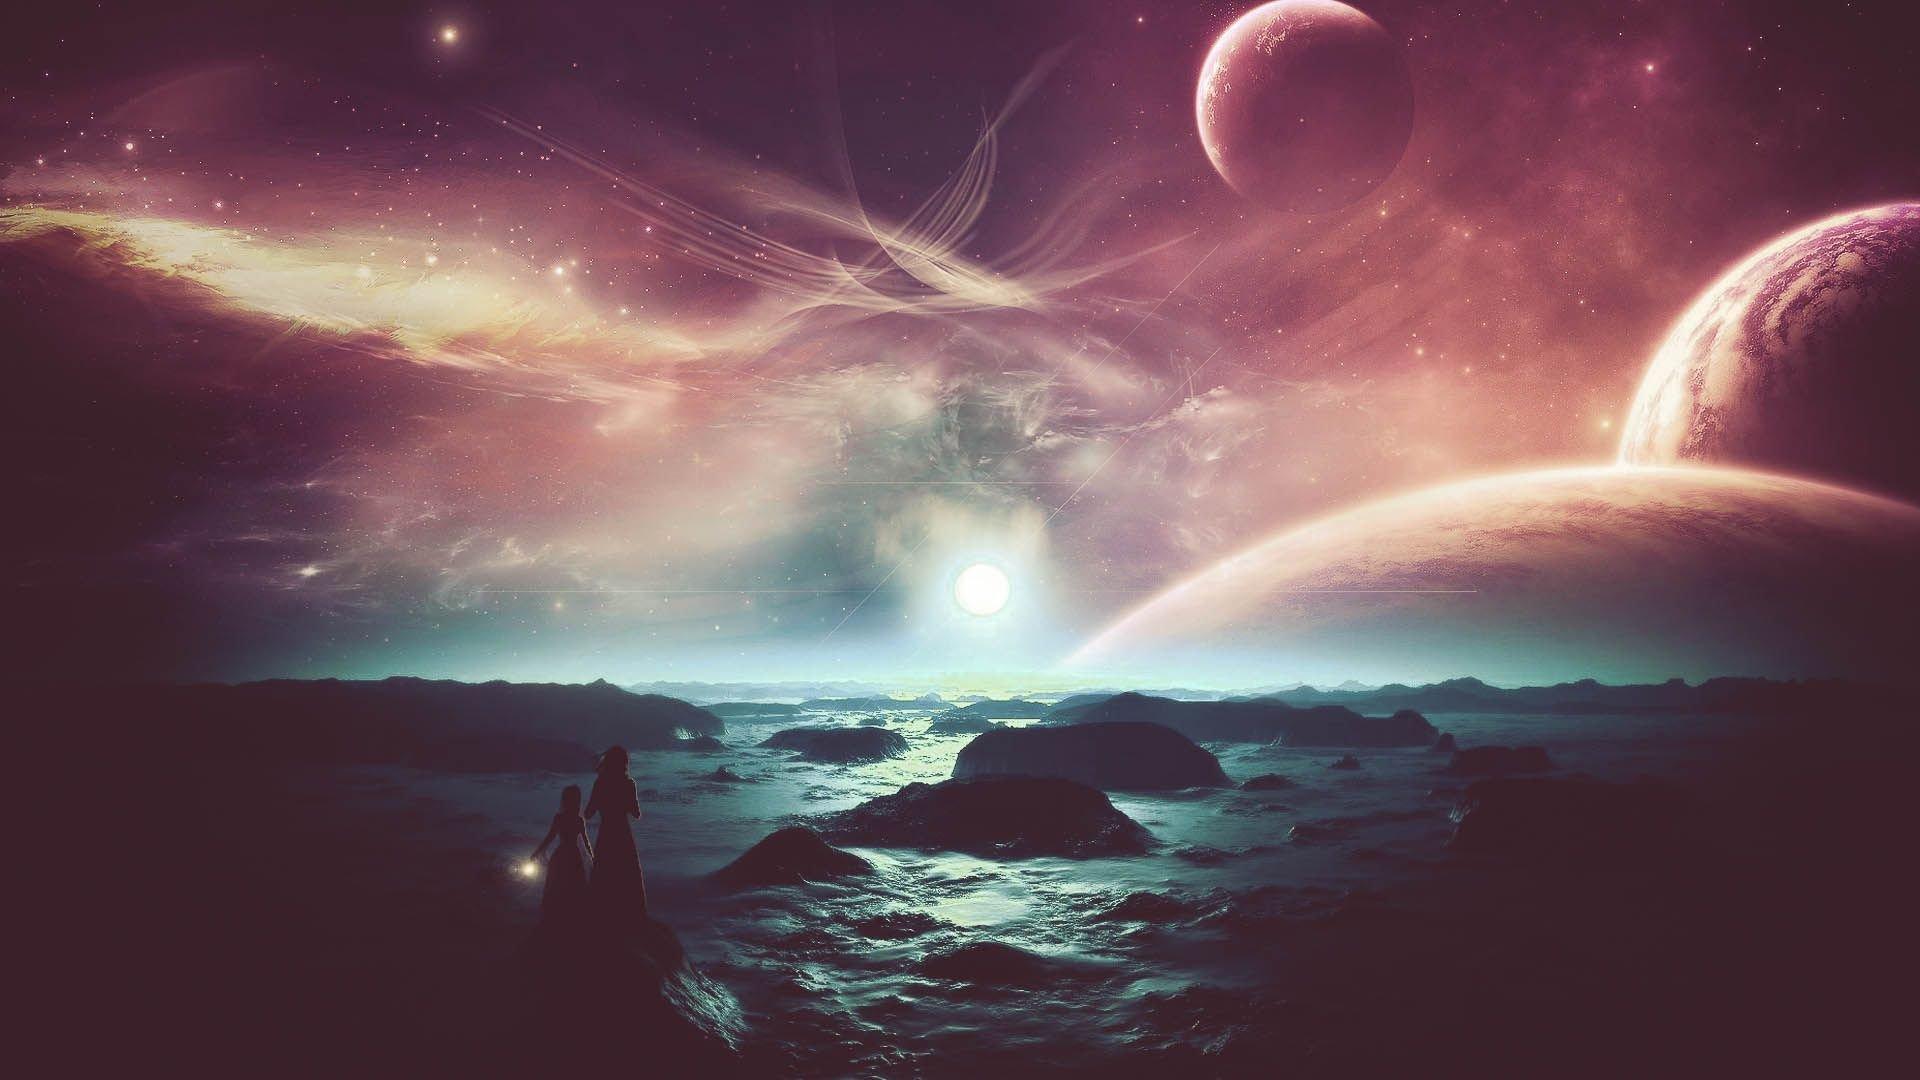 Cosmos Quotes Wallpaper Alien Planet Wallpapers Download Free Pixelstalk Net